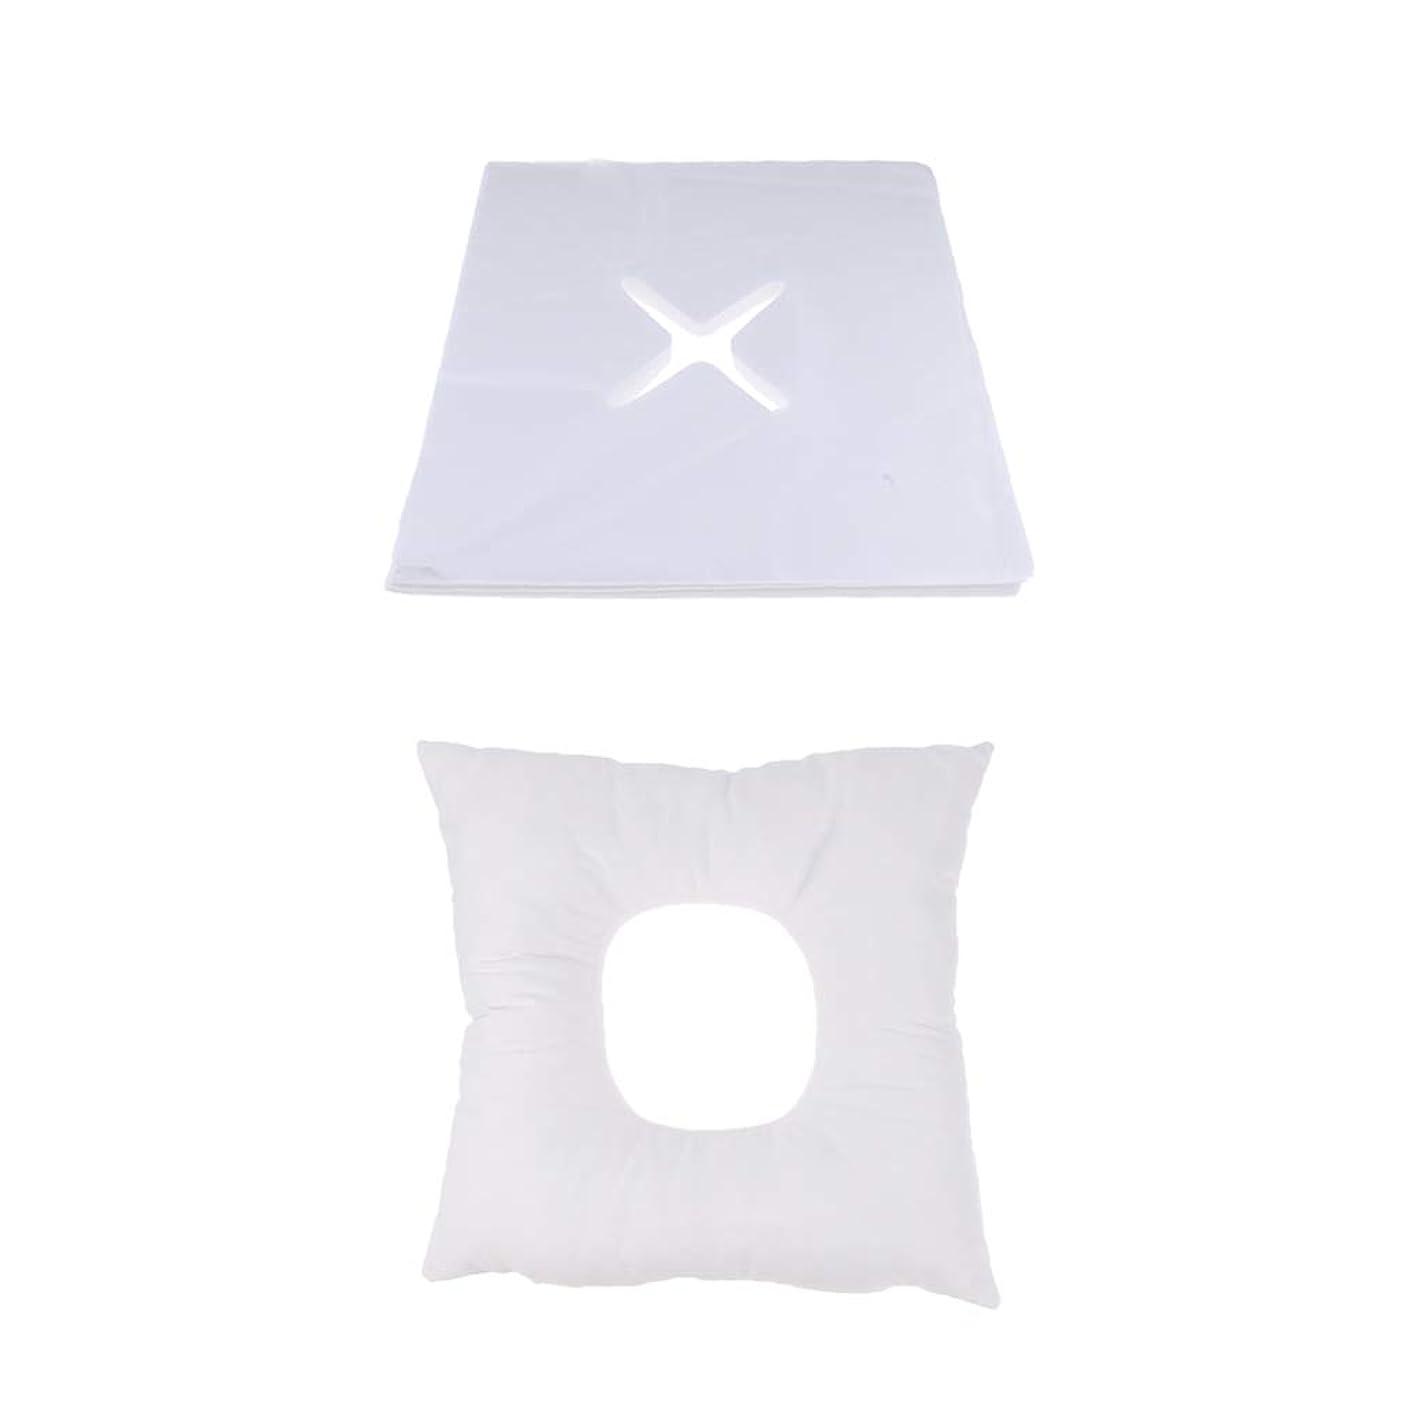 それる有益お母さんD DOLITY マッサージ枕 顔枕 フェイスマット 200個使い捨てカバー付き 柔らかく快適